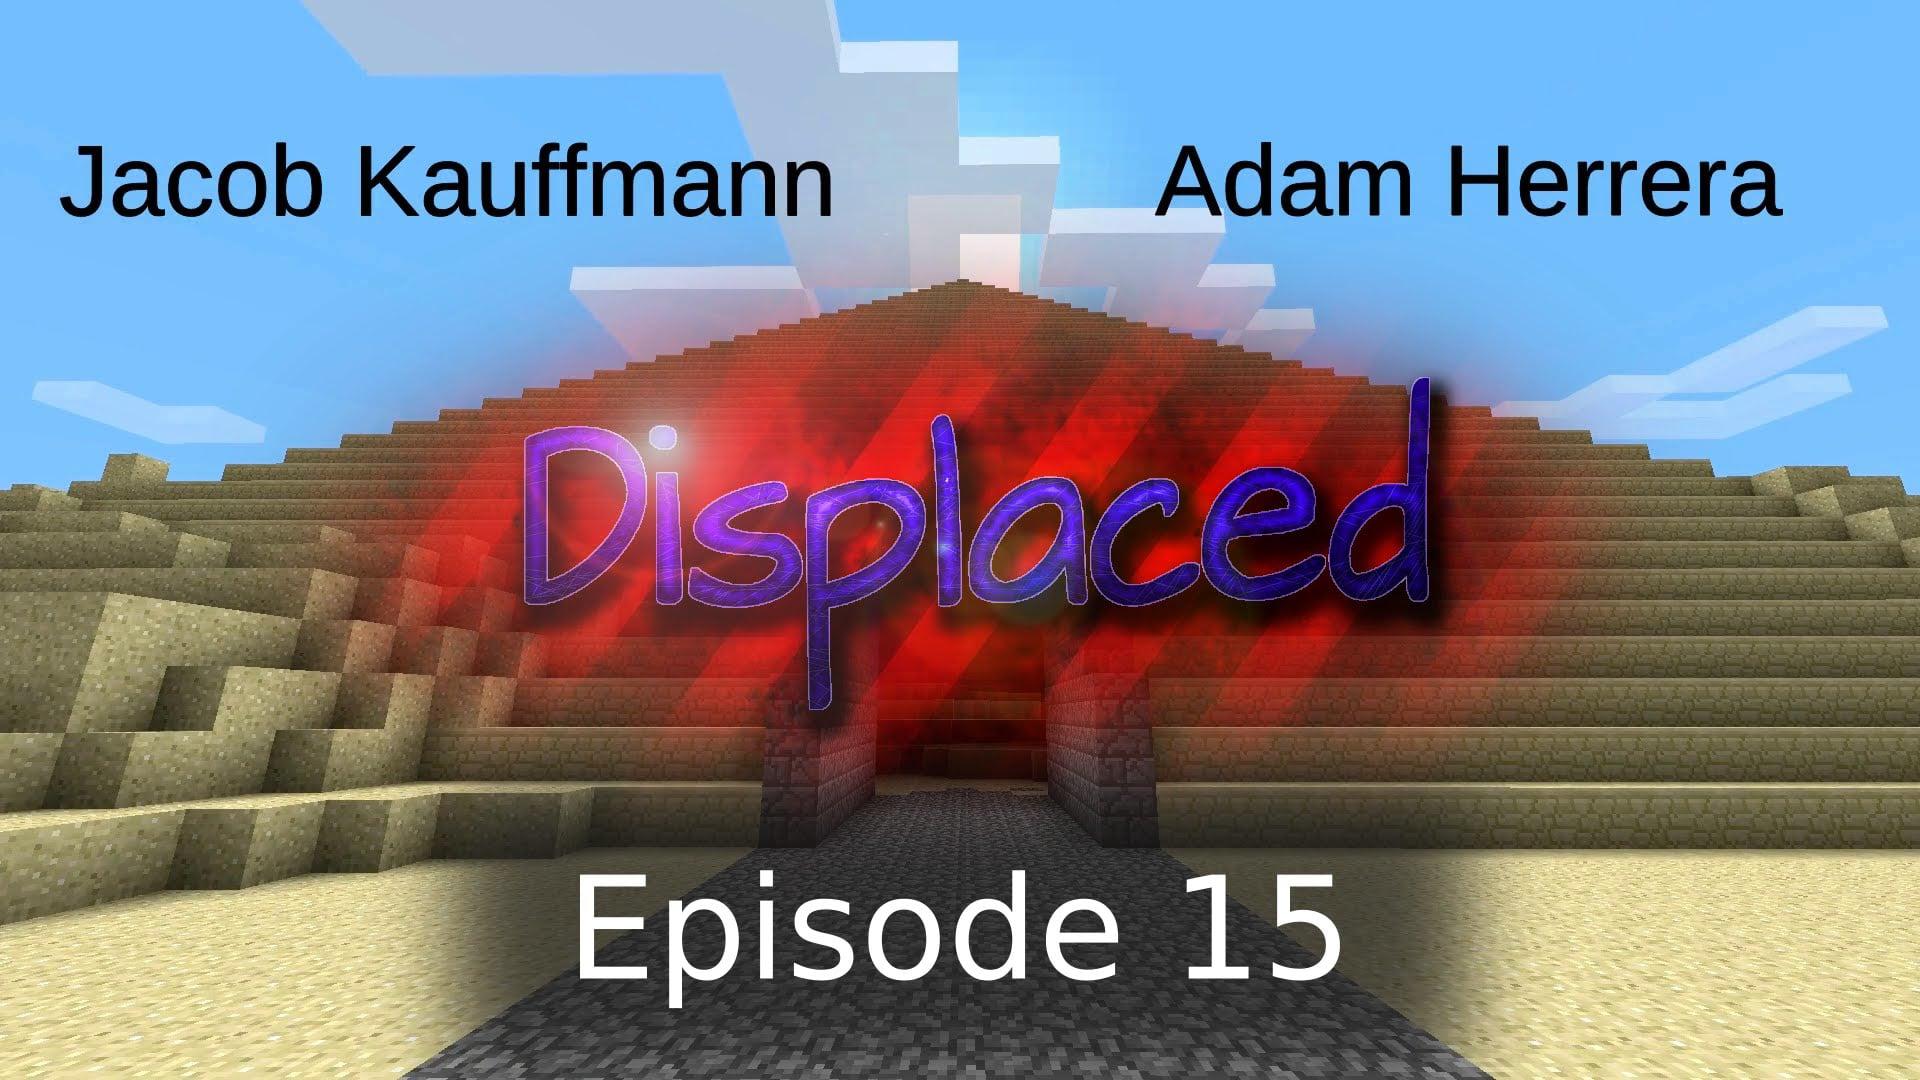 Episode 15 - Displaced